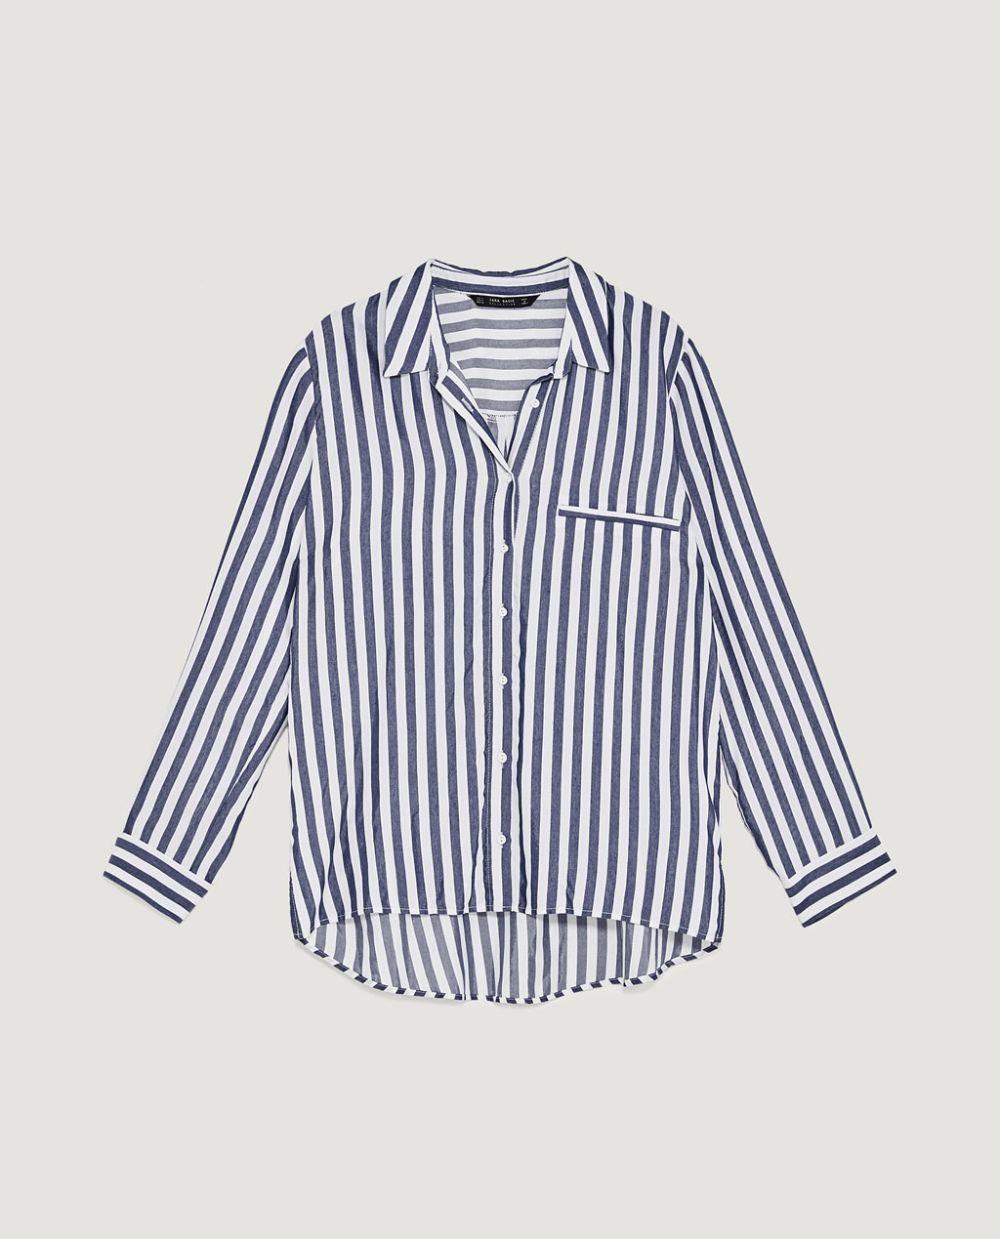 Camisa de Zara (25.95 euros)